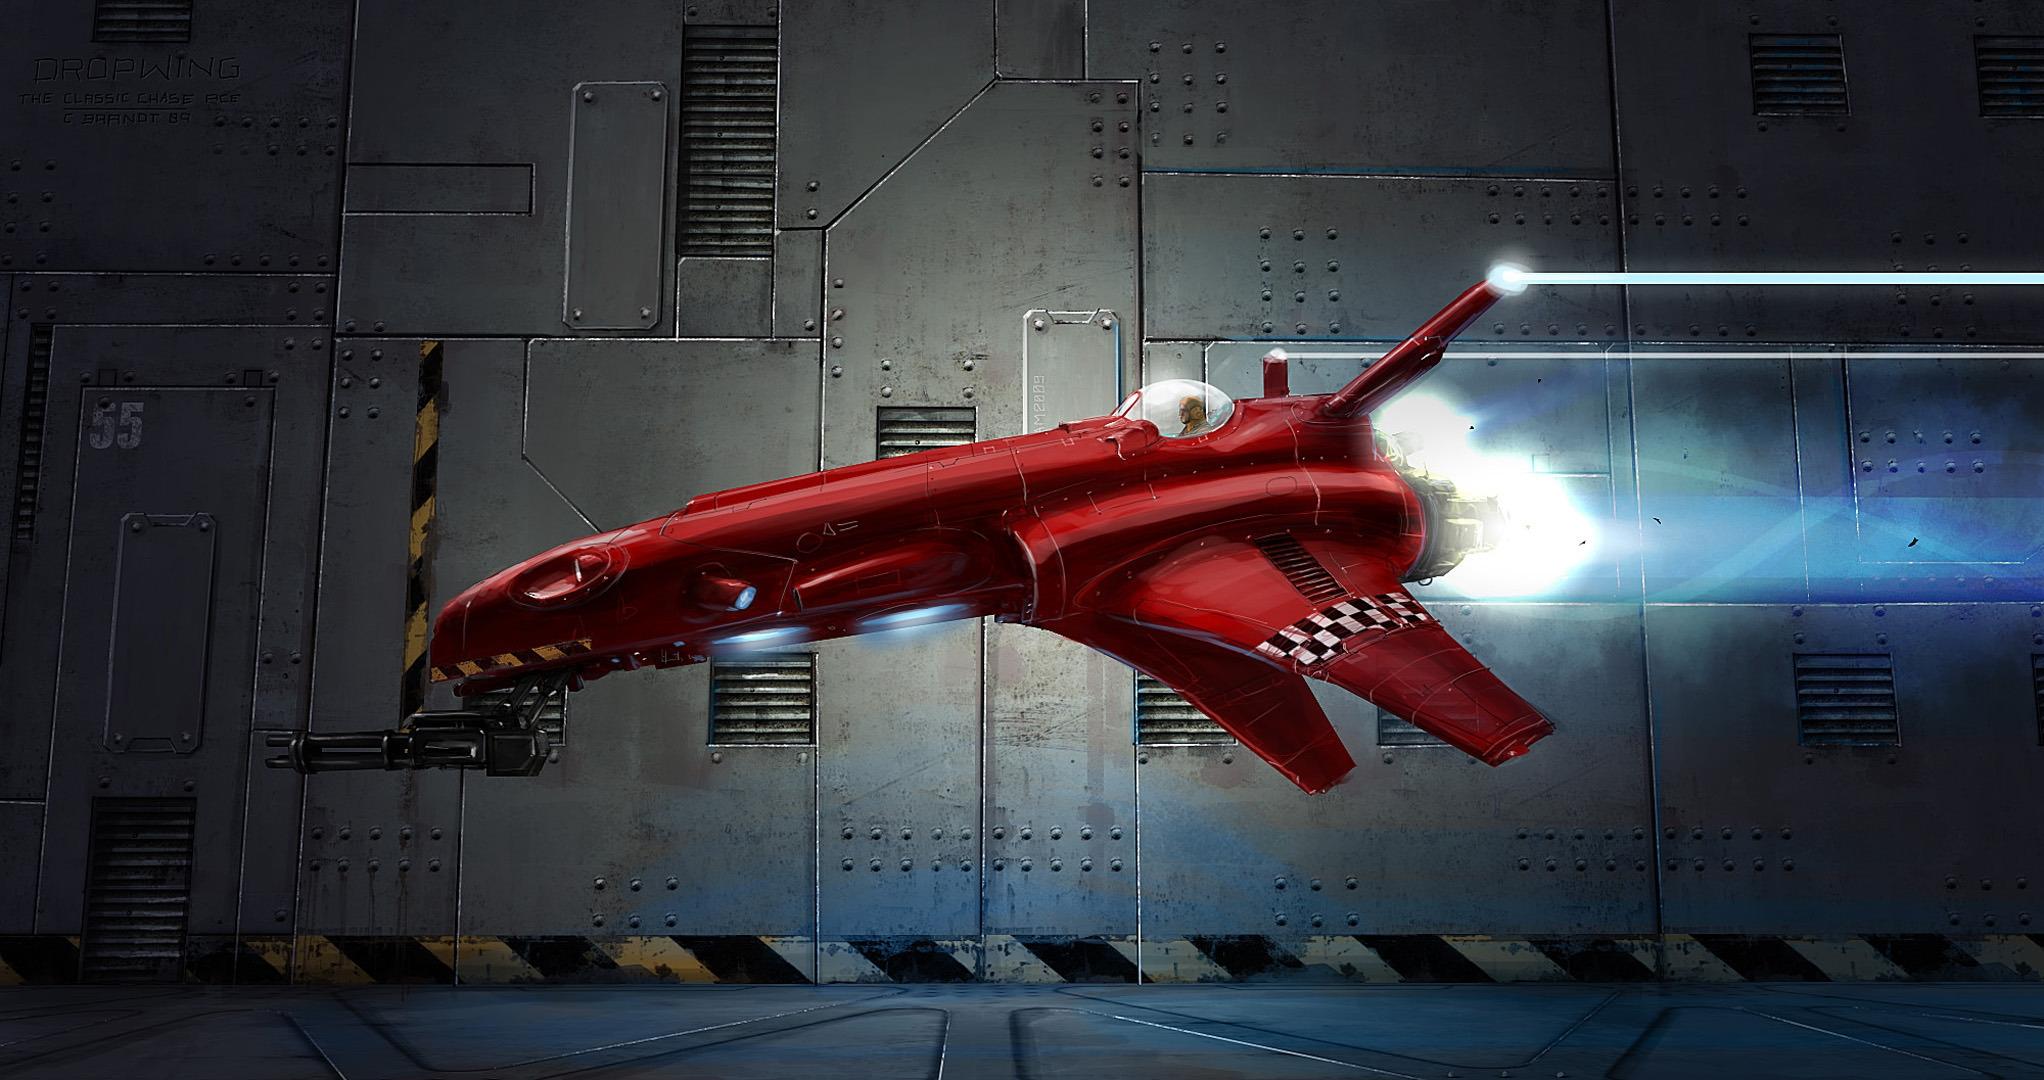 spaceship hd wallpaper 1280x1024